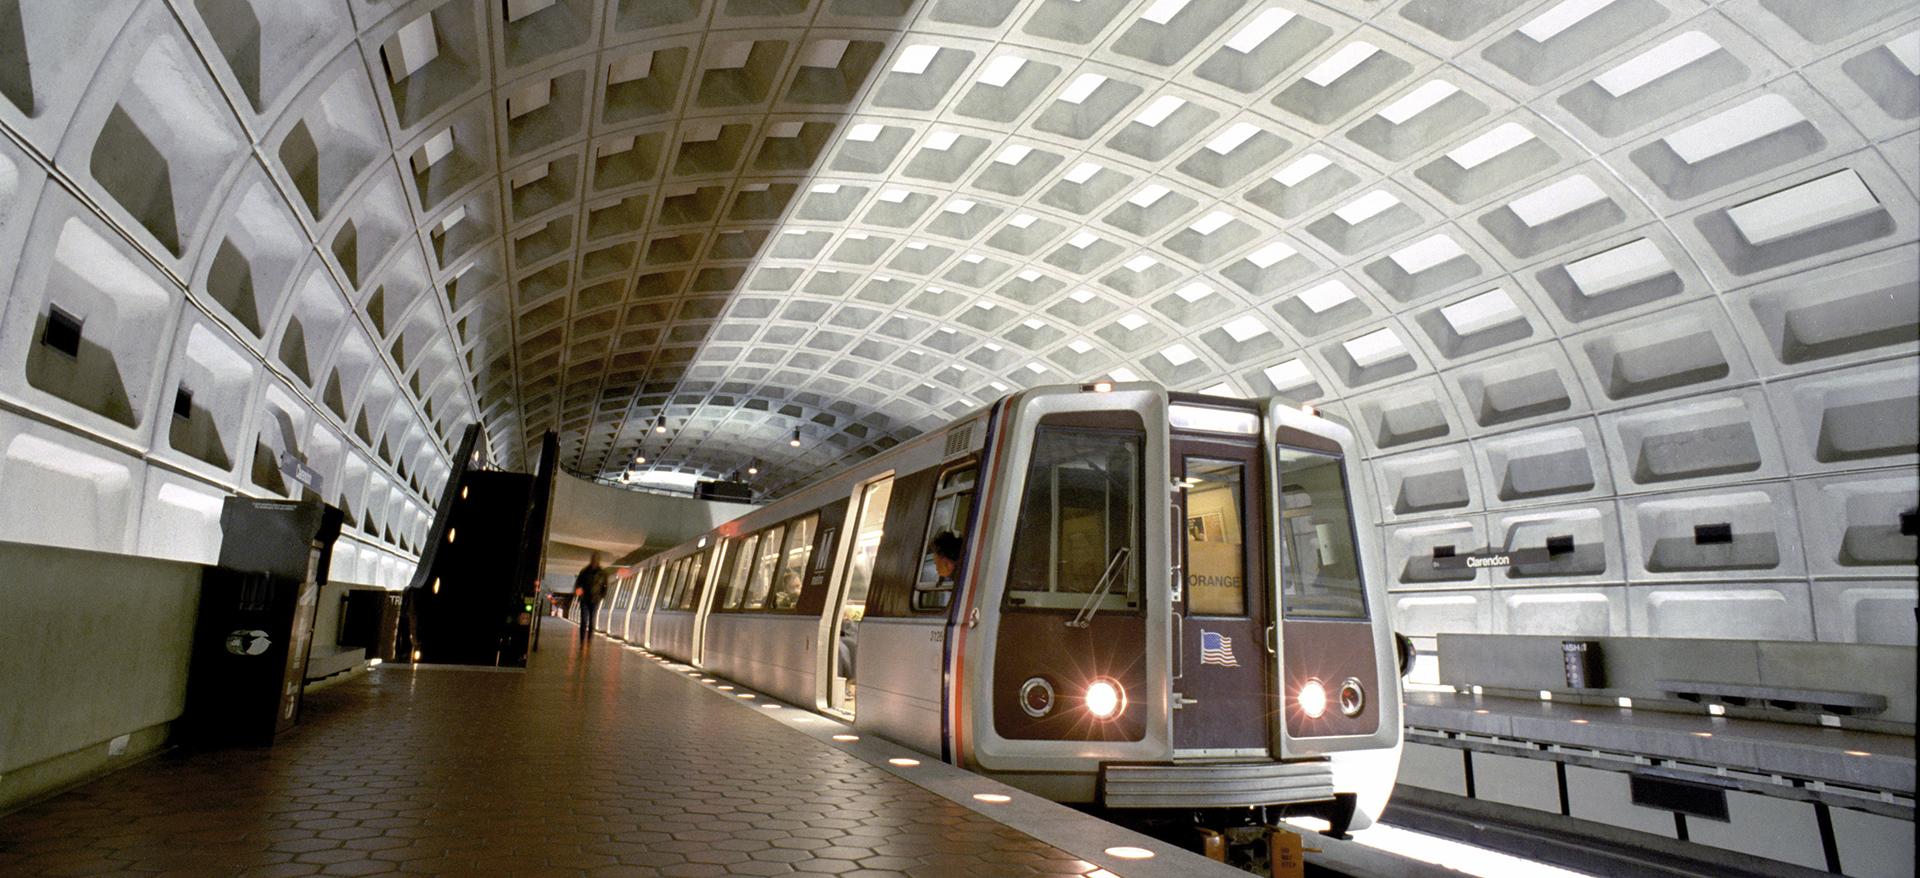 Metro train in underground station